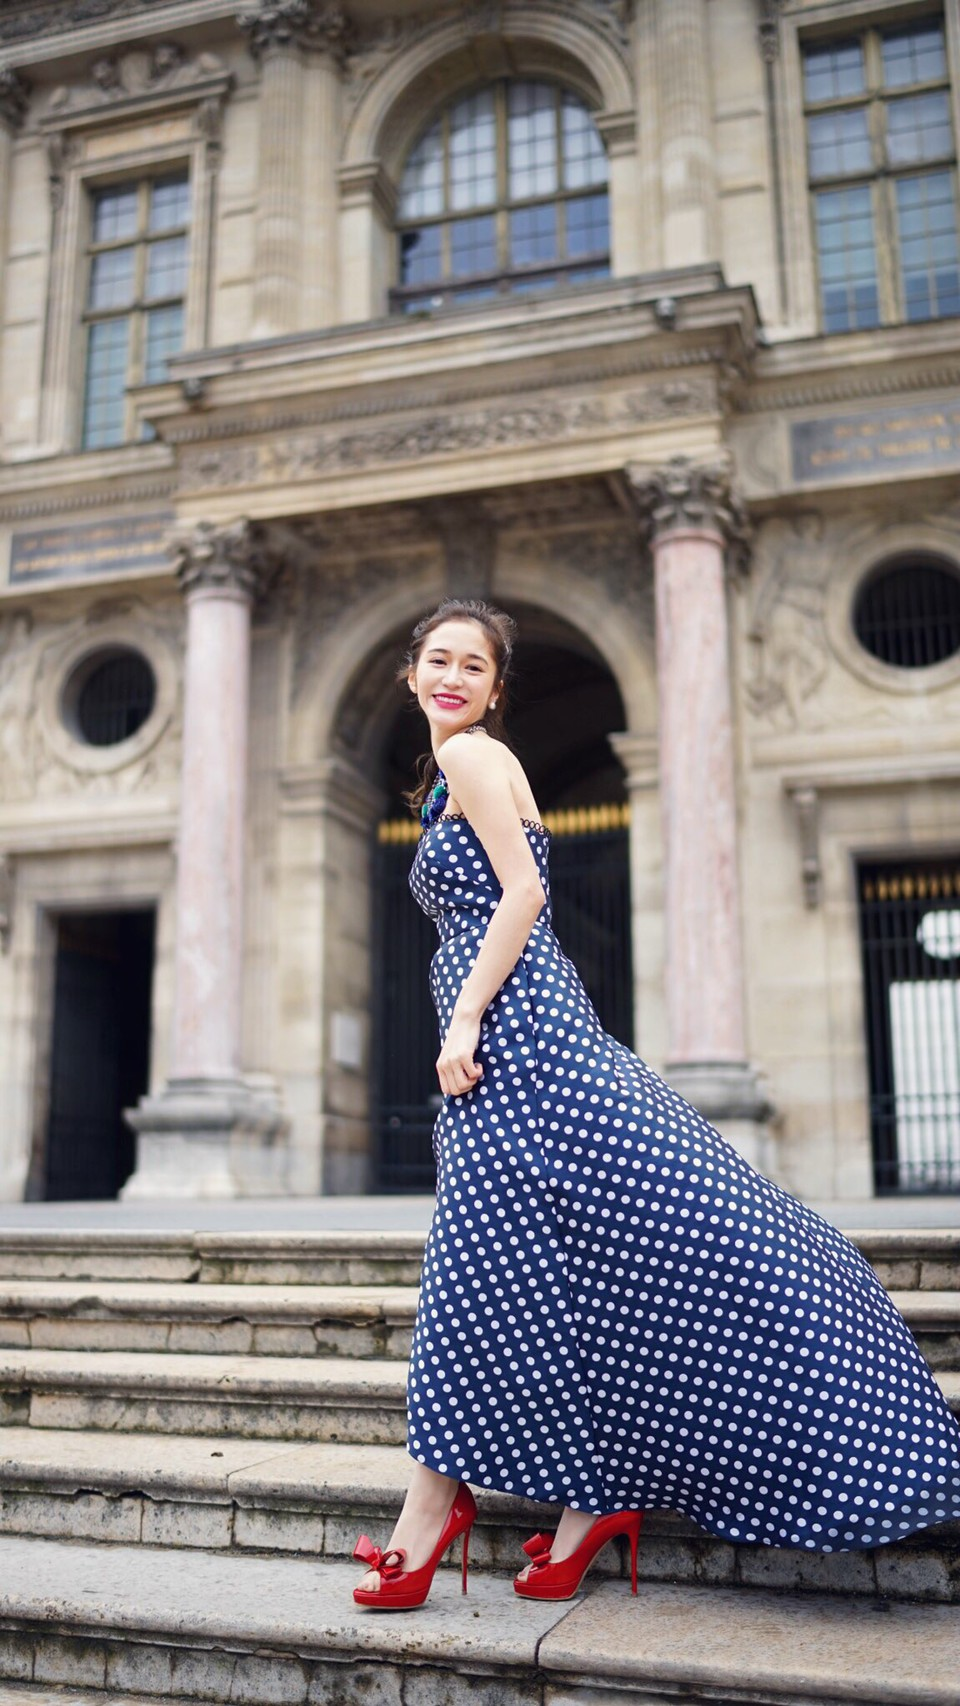 大人気のインスタグラマーFukishaljことFukiさんがパリでML Monique Lhuillierのドット柄のパーティードレスを。